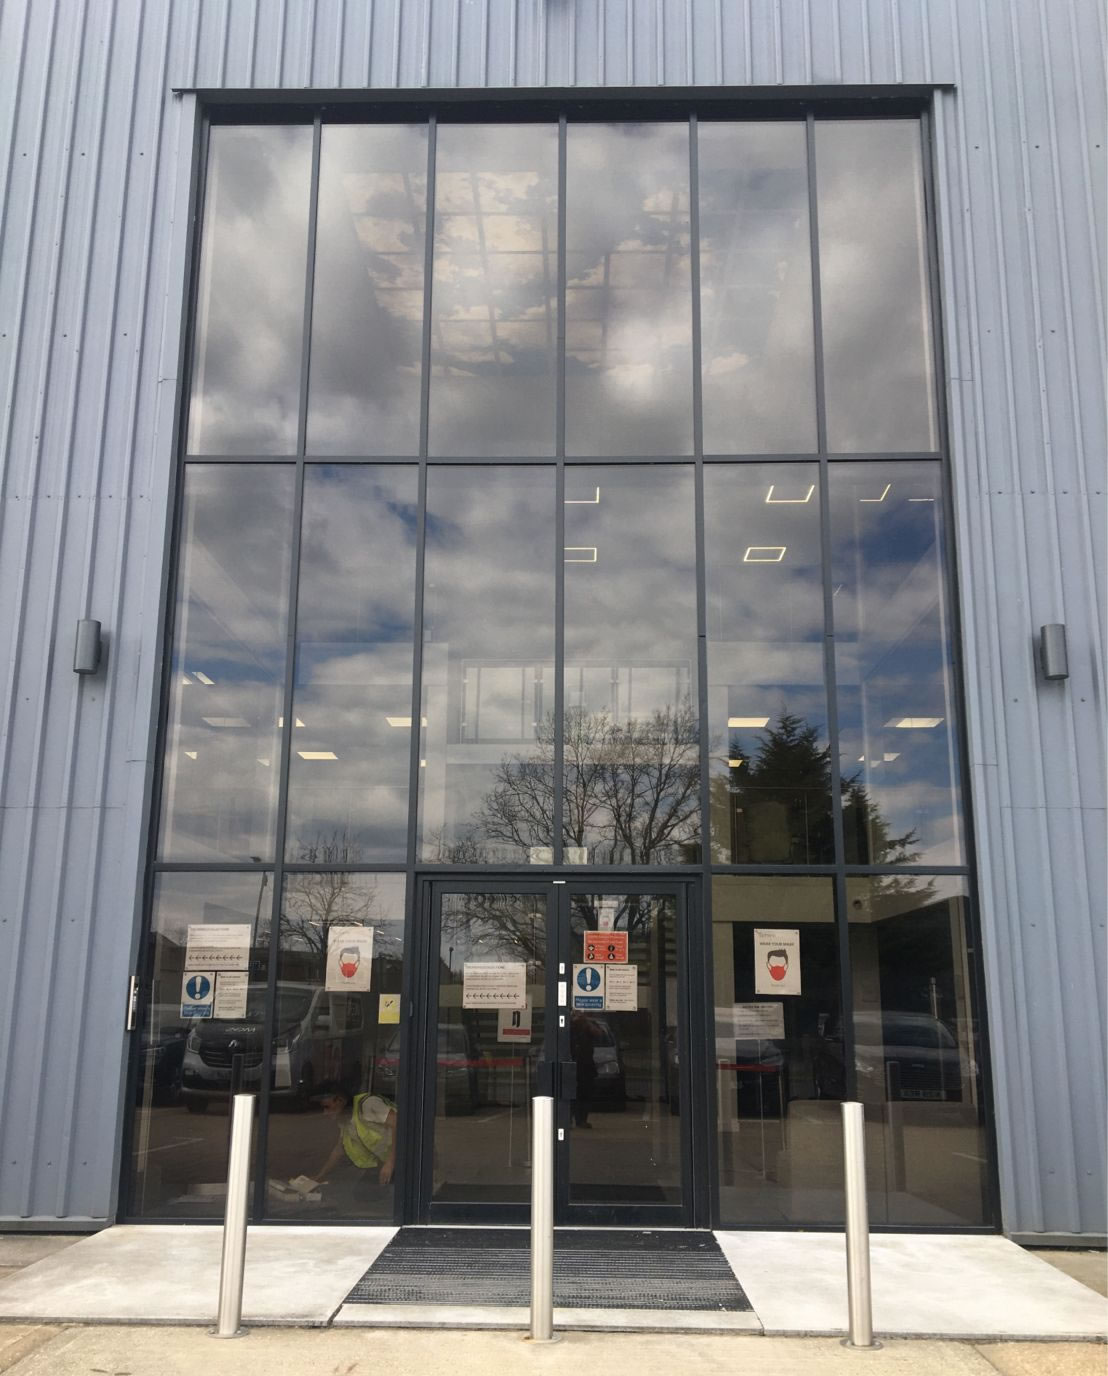 Commercial facade